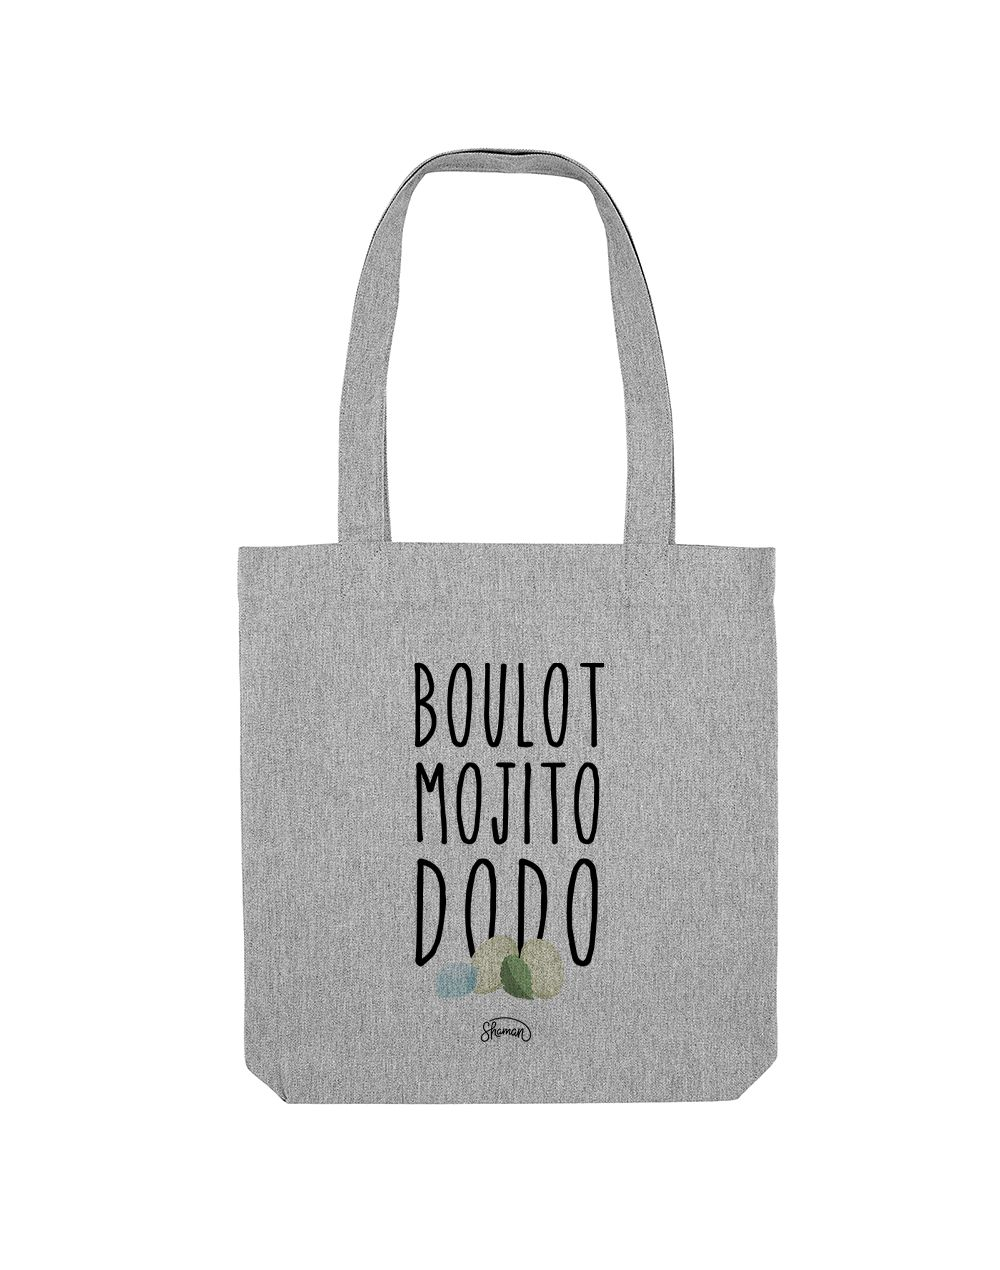 BOULOT MOJITO DODO - Tote Bag  Gris chiné  en coton